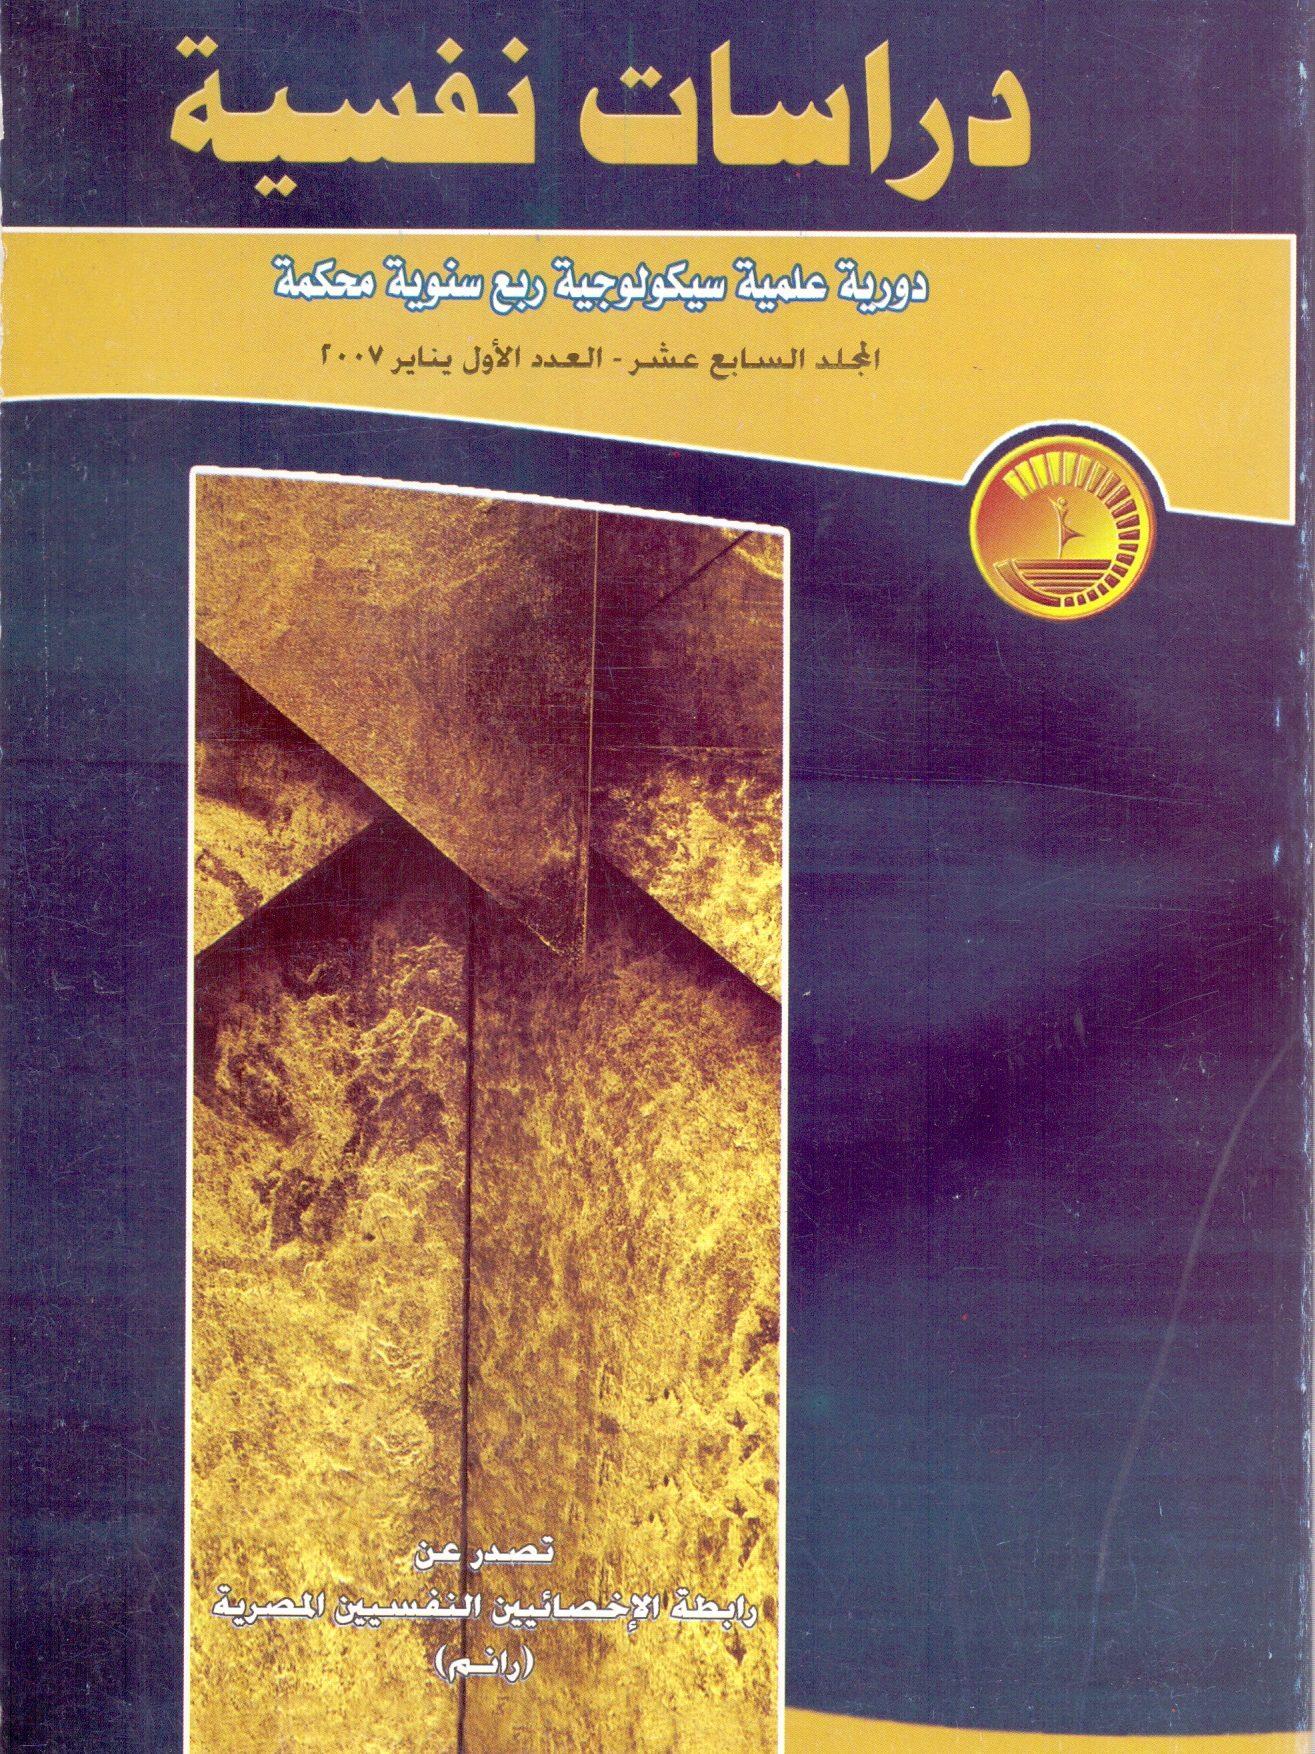 واقع الدراسات النفسية للابداع في مصر و مردودها : دراسة تحليلية و امبيريقية في ضوء نموذج تصنيفي مقترح